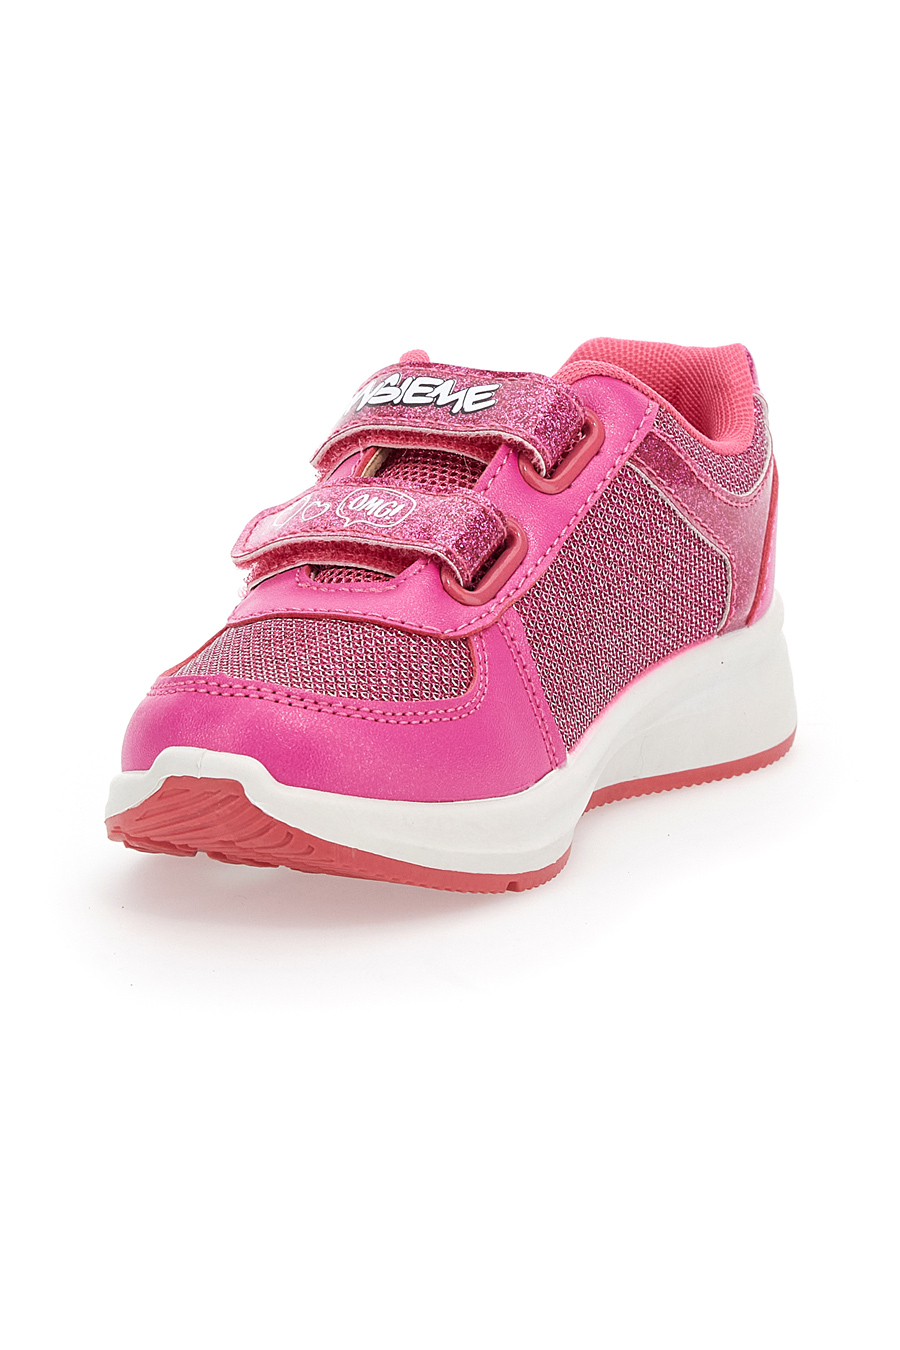 SNEAKERS D'INSIEME 102770 bambina rosa | Pittarello